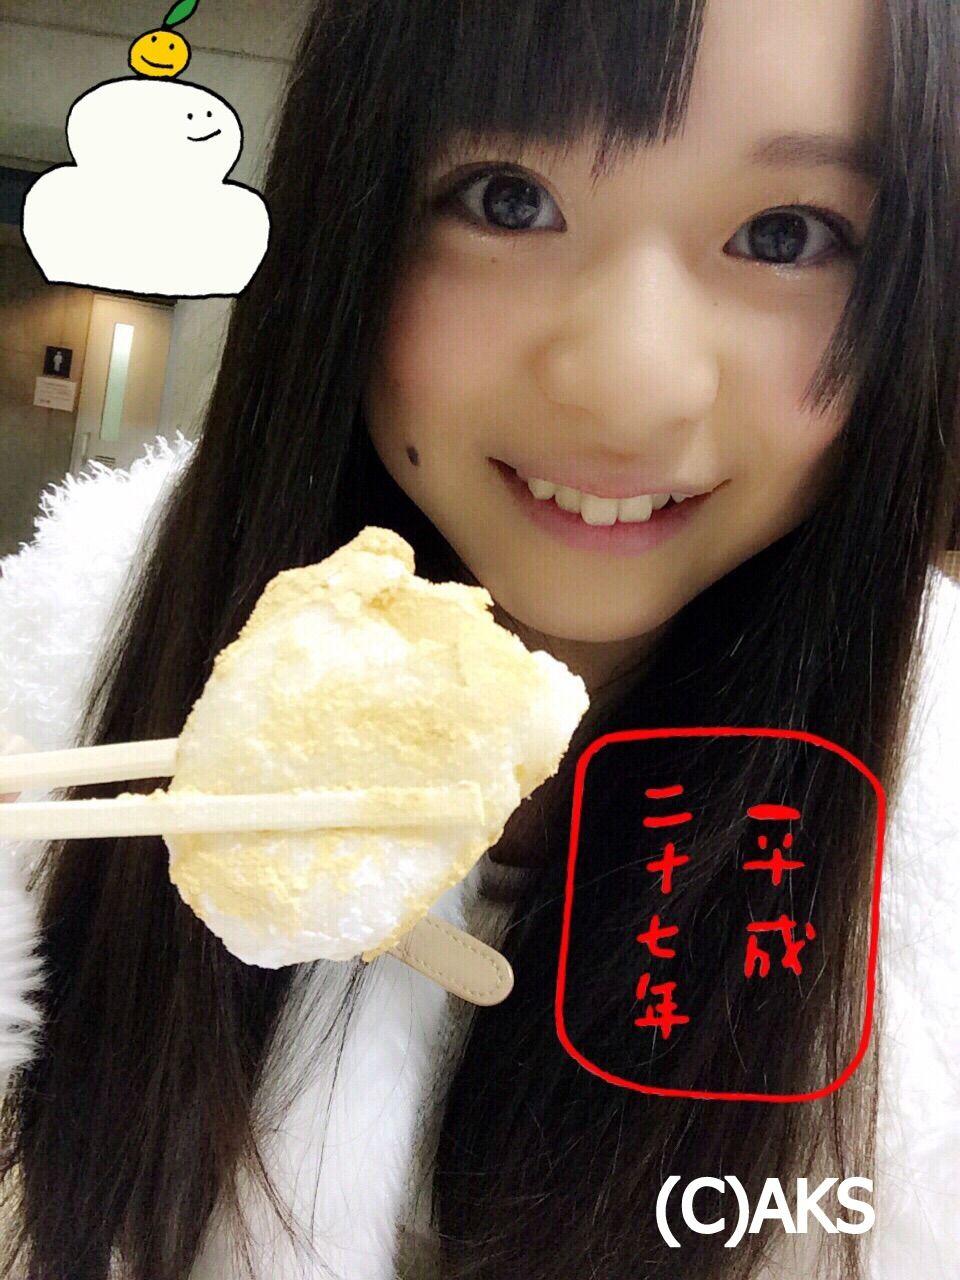 倉野尾成美さんの画像その83